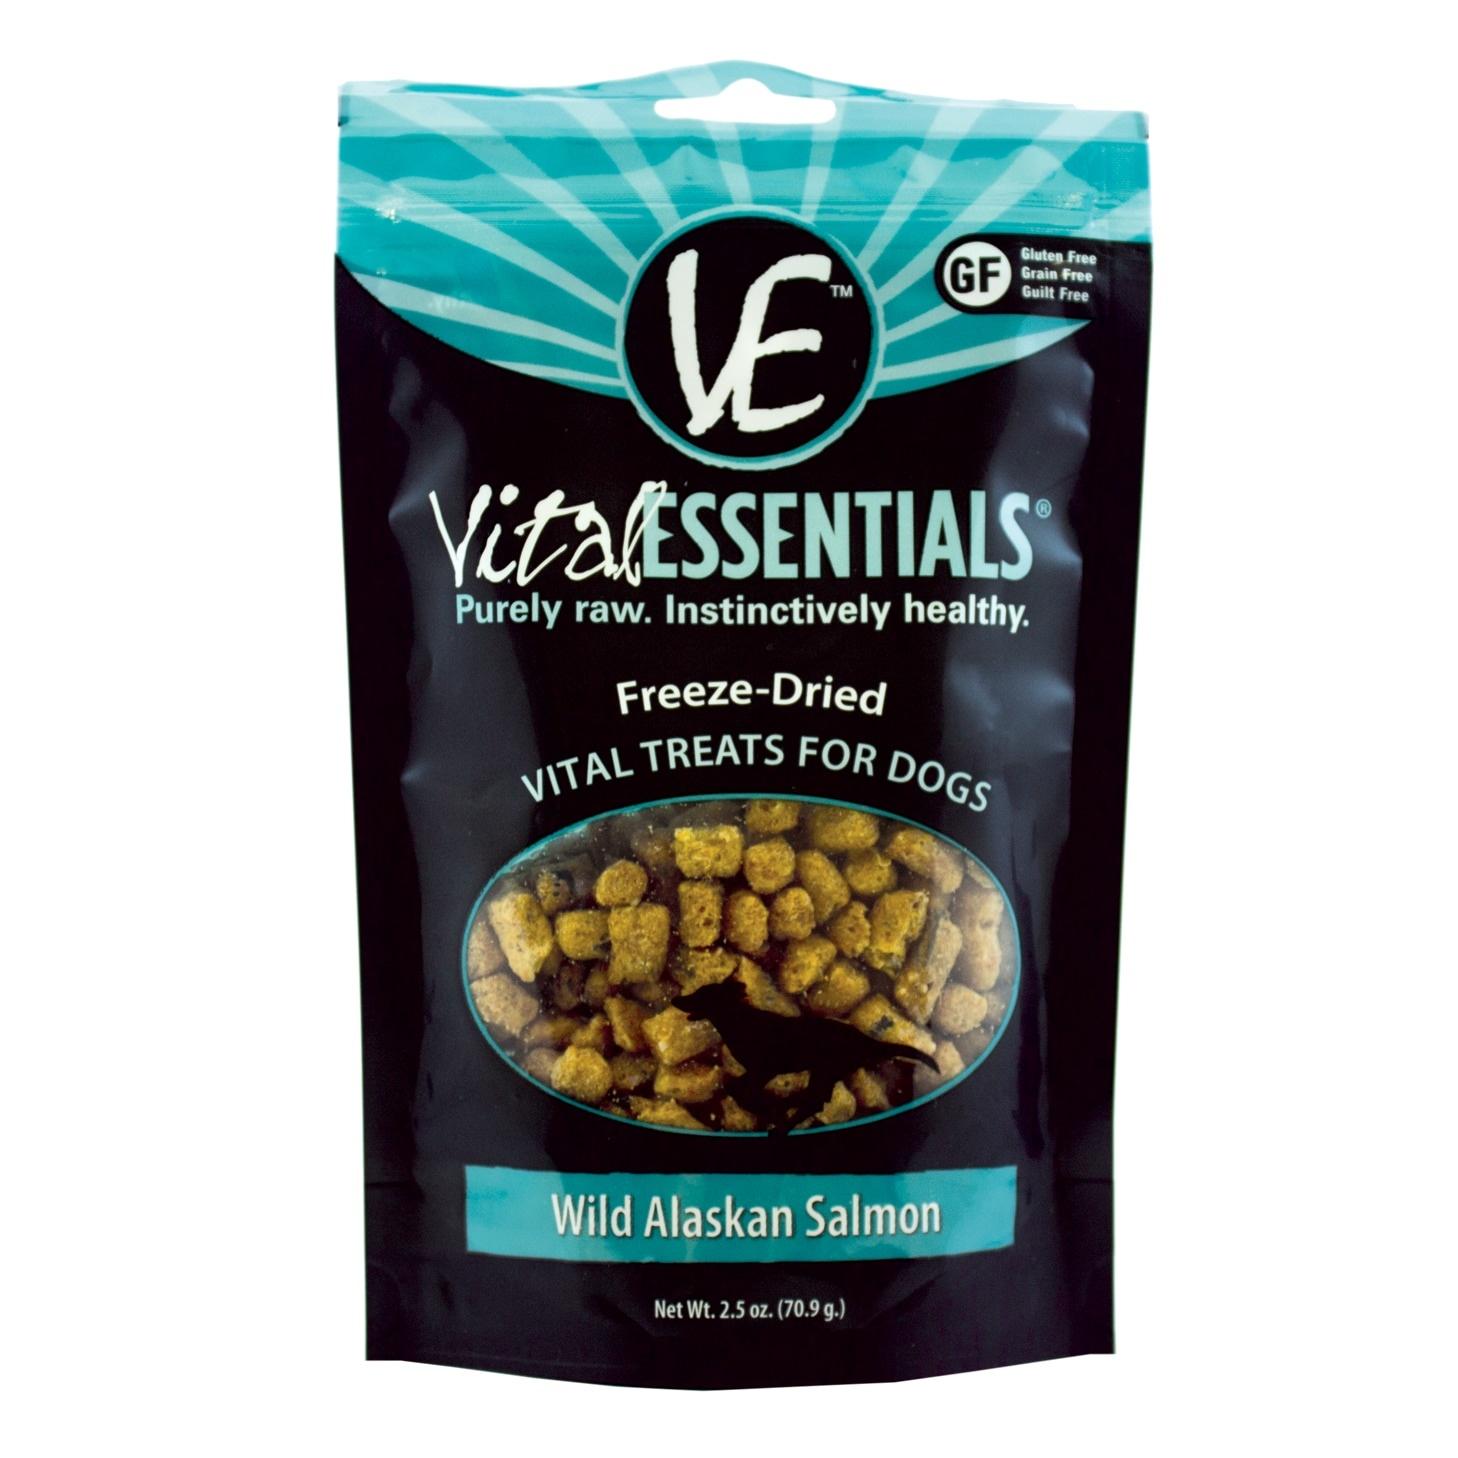 Vital Essentials Vital Essentials Wild Alaskan Salmon Freeze Dried 2.5oz